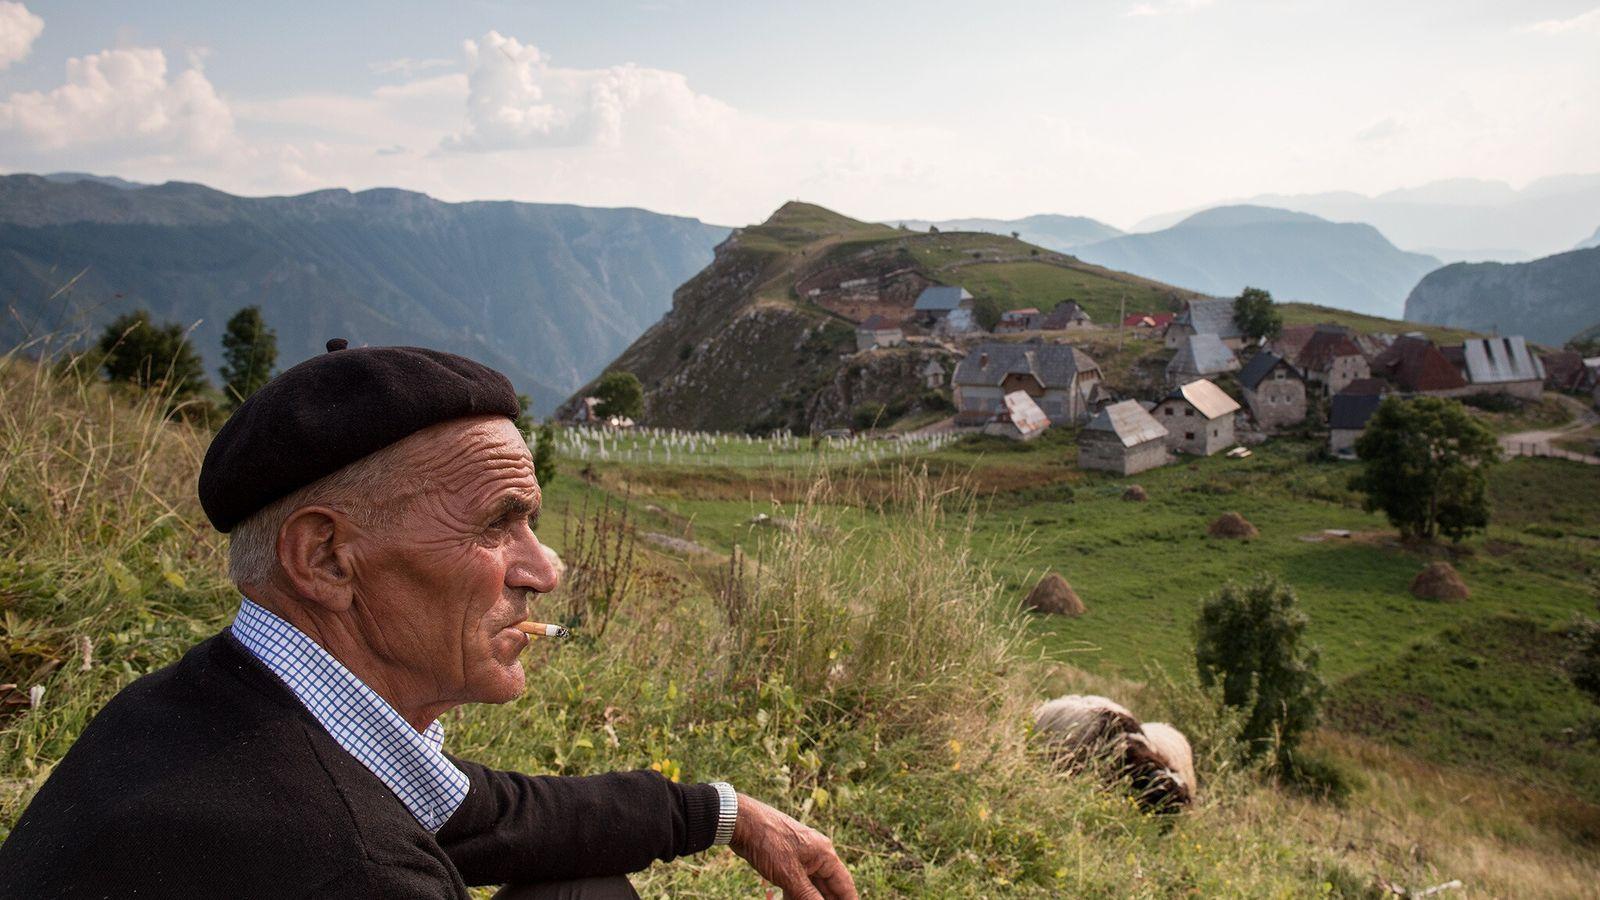 Ein Mann macht eine Zigarettenpause und genießt den Blick auf Lukomir.